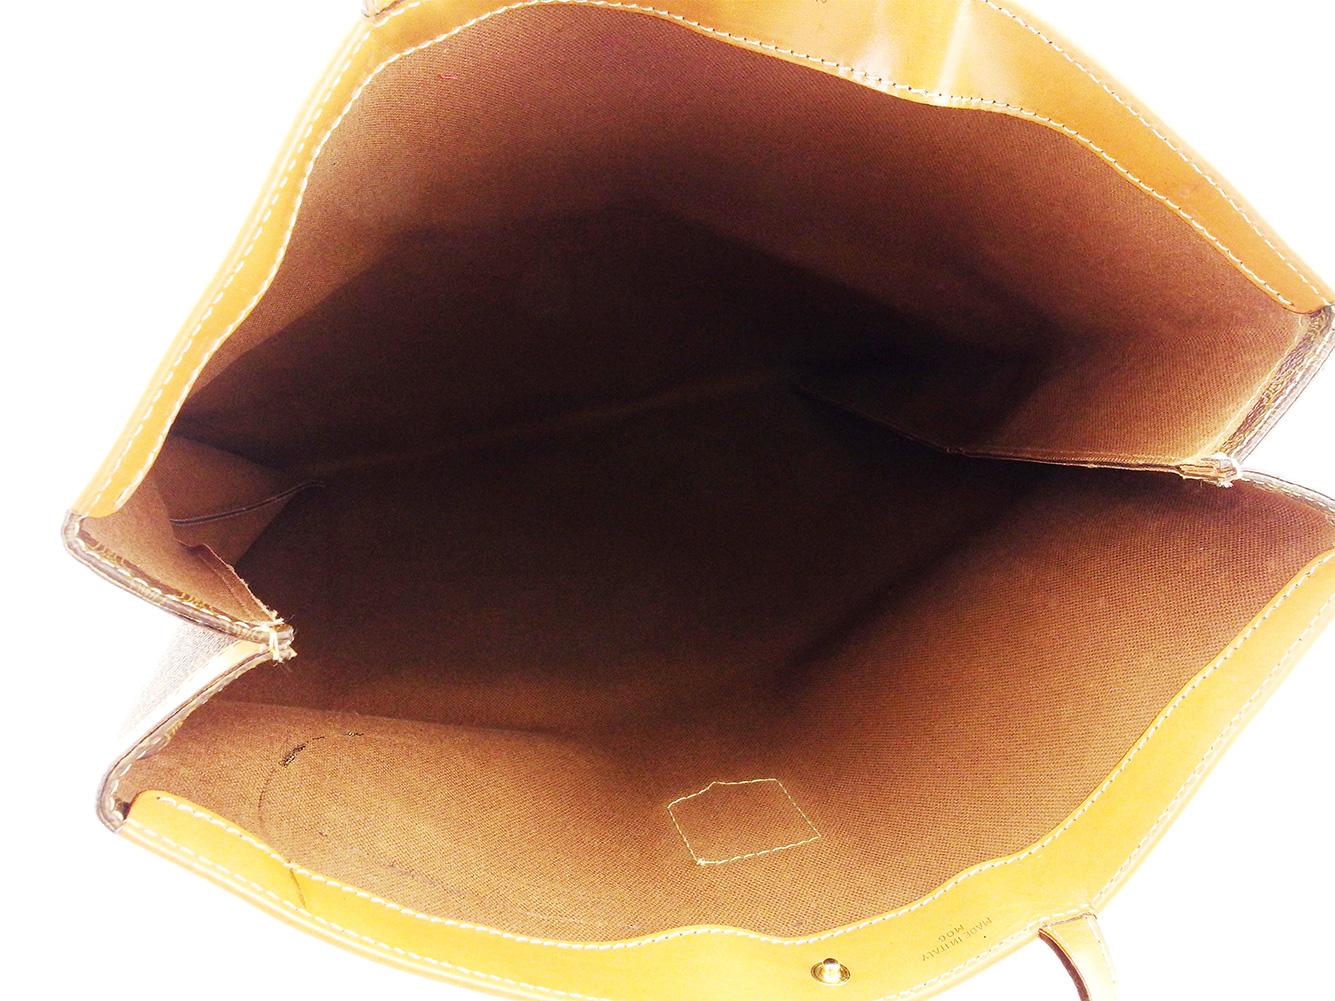 874b300e13d5 中古】 【送料無料】 セリーヌ トートバッグ トート レディース メンズ ...